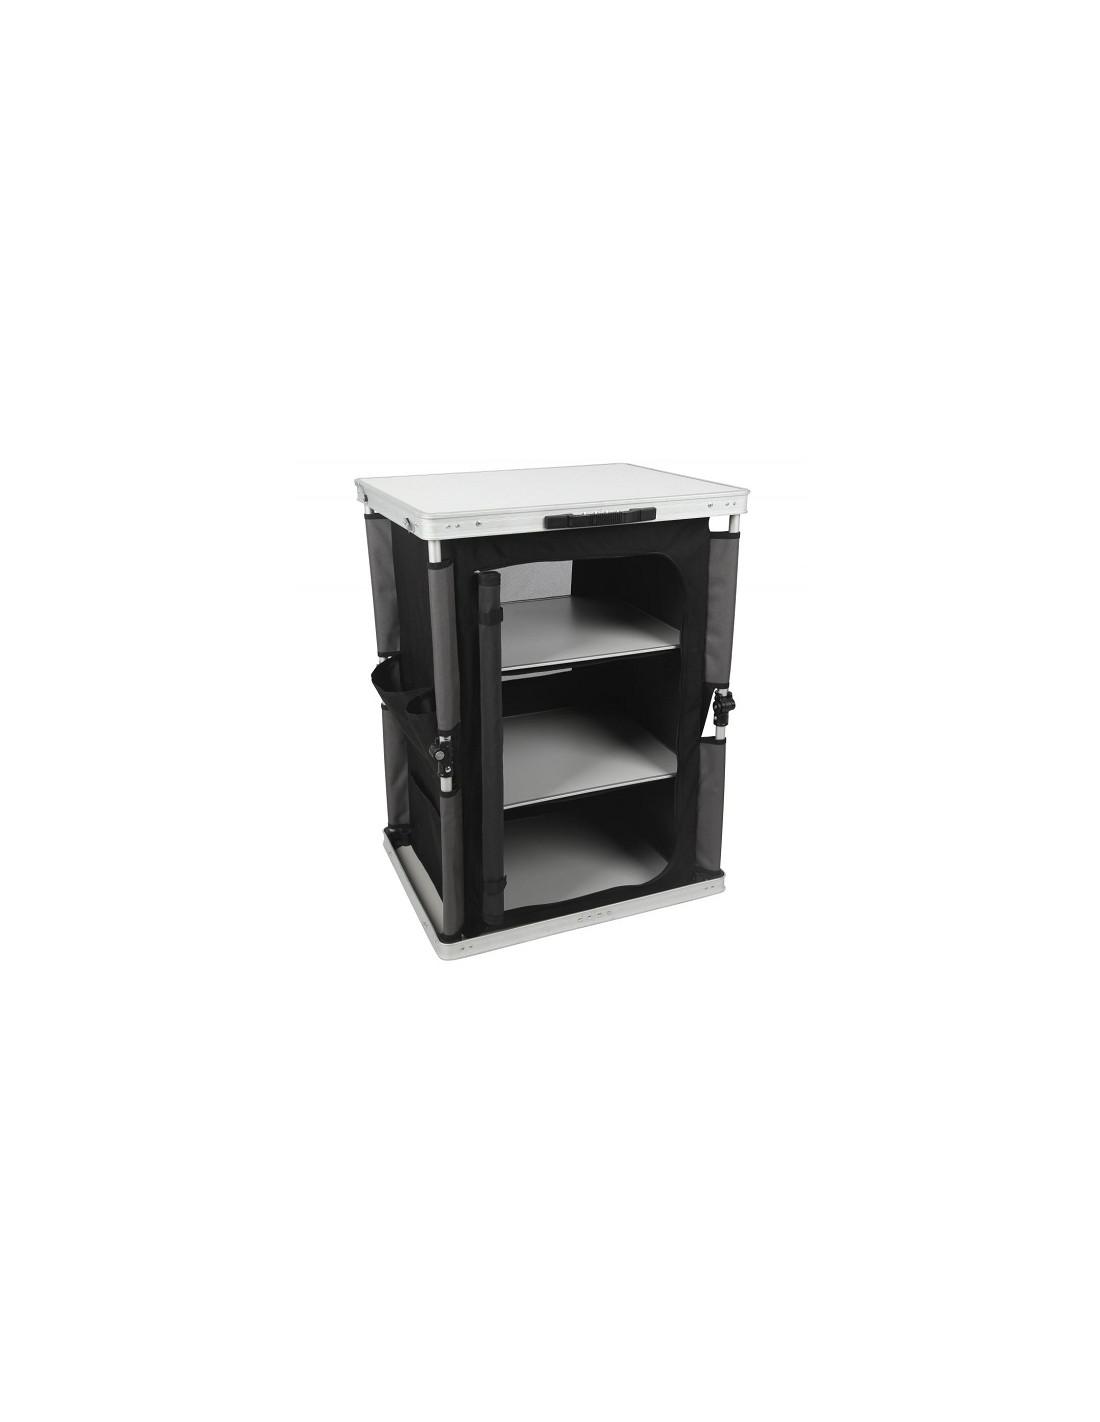 mueble de cocina 7 segundos midland nuevo modelo